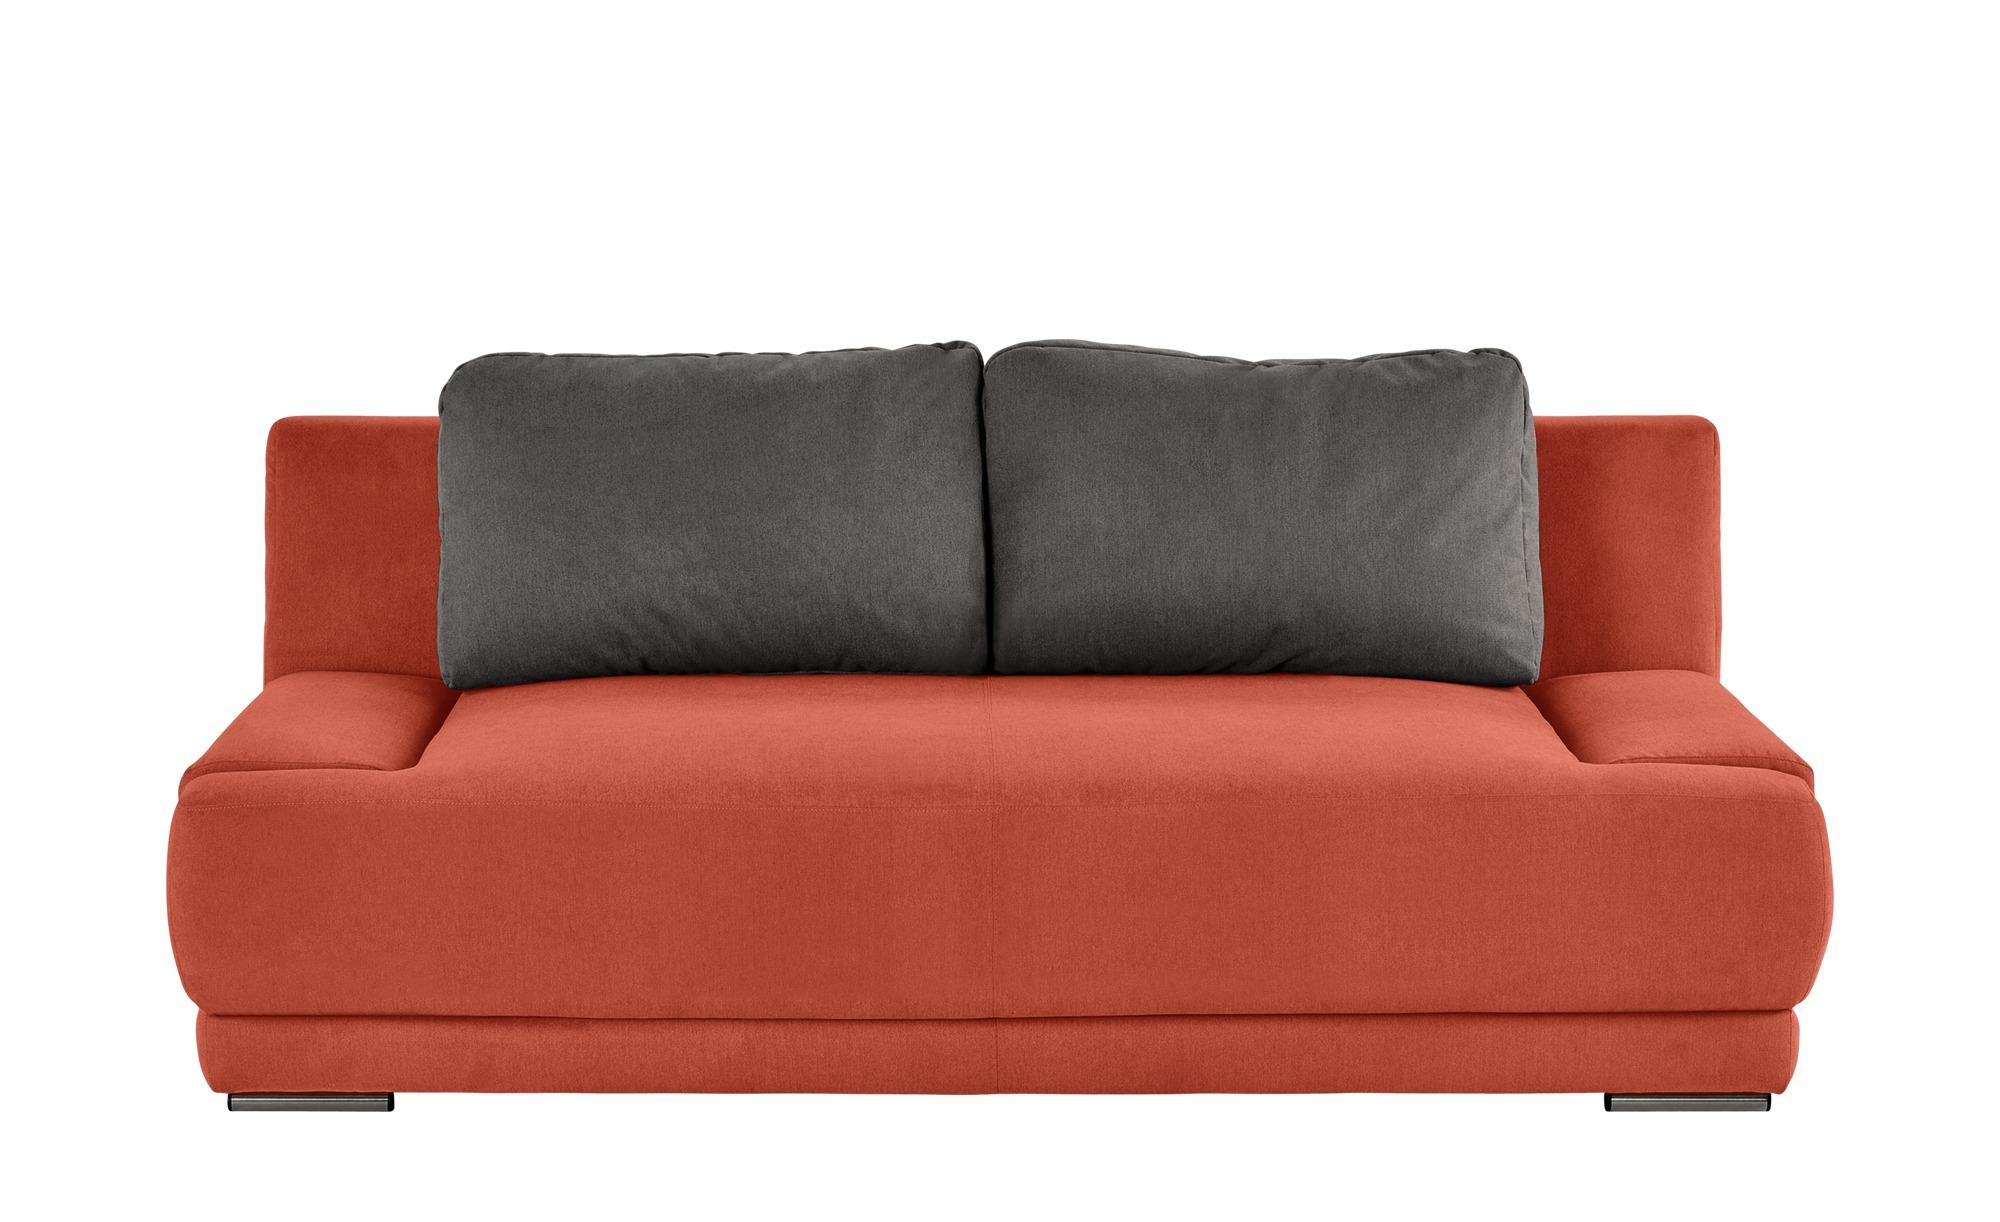 smart Schlafsofa orange/braun - Flachgewebe Regina ¦ orange ¦ Maße (cm): B: 206 H: 83 T: 98 Polstermöbel > Sofas > 2-Sitzer - Höffner